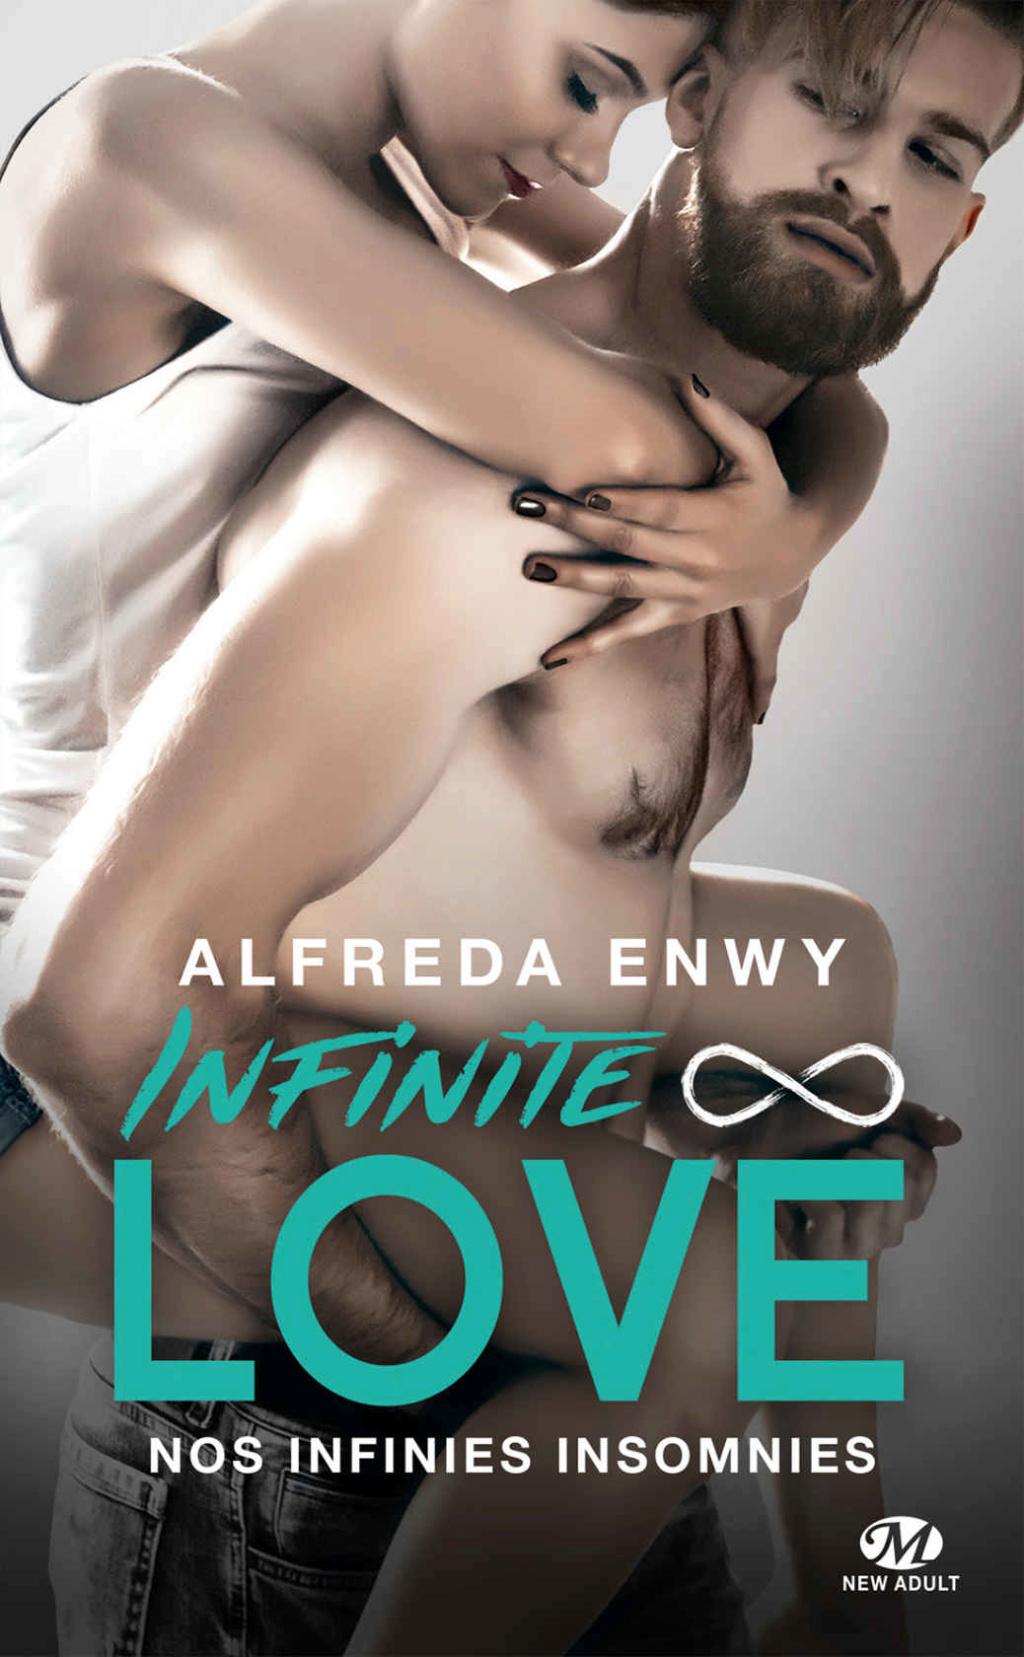 ENWY Alfreda - INFINITE LOVE - Tome 4 : Nos Infinies Insomnies 89520010